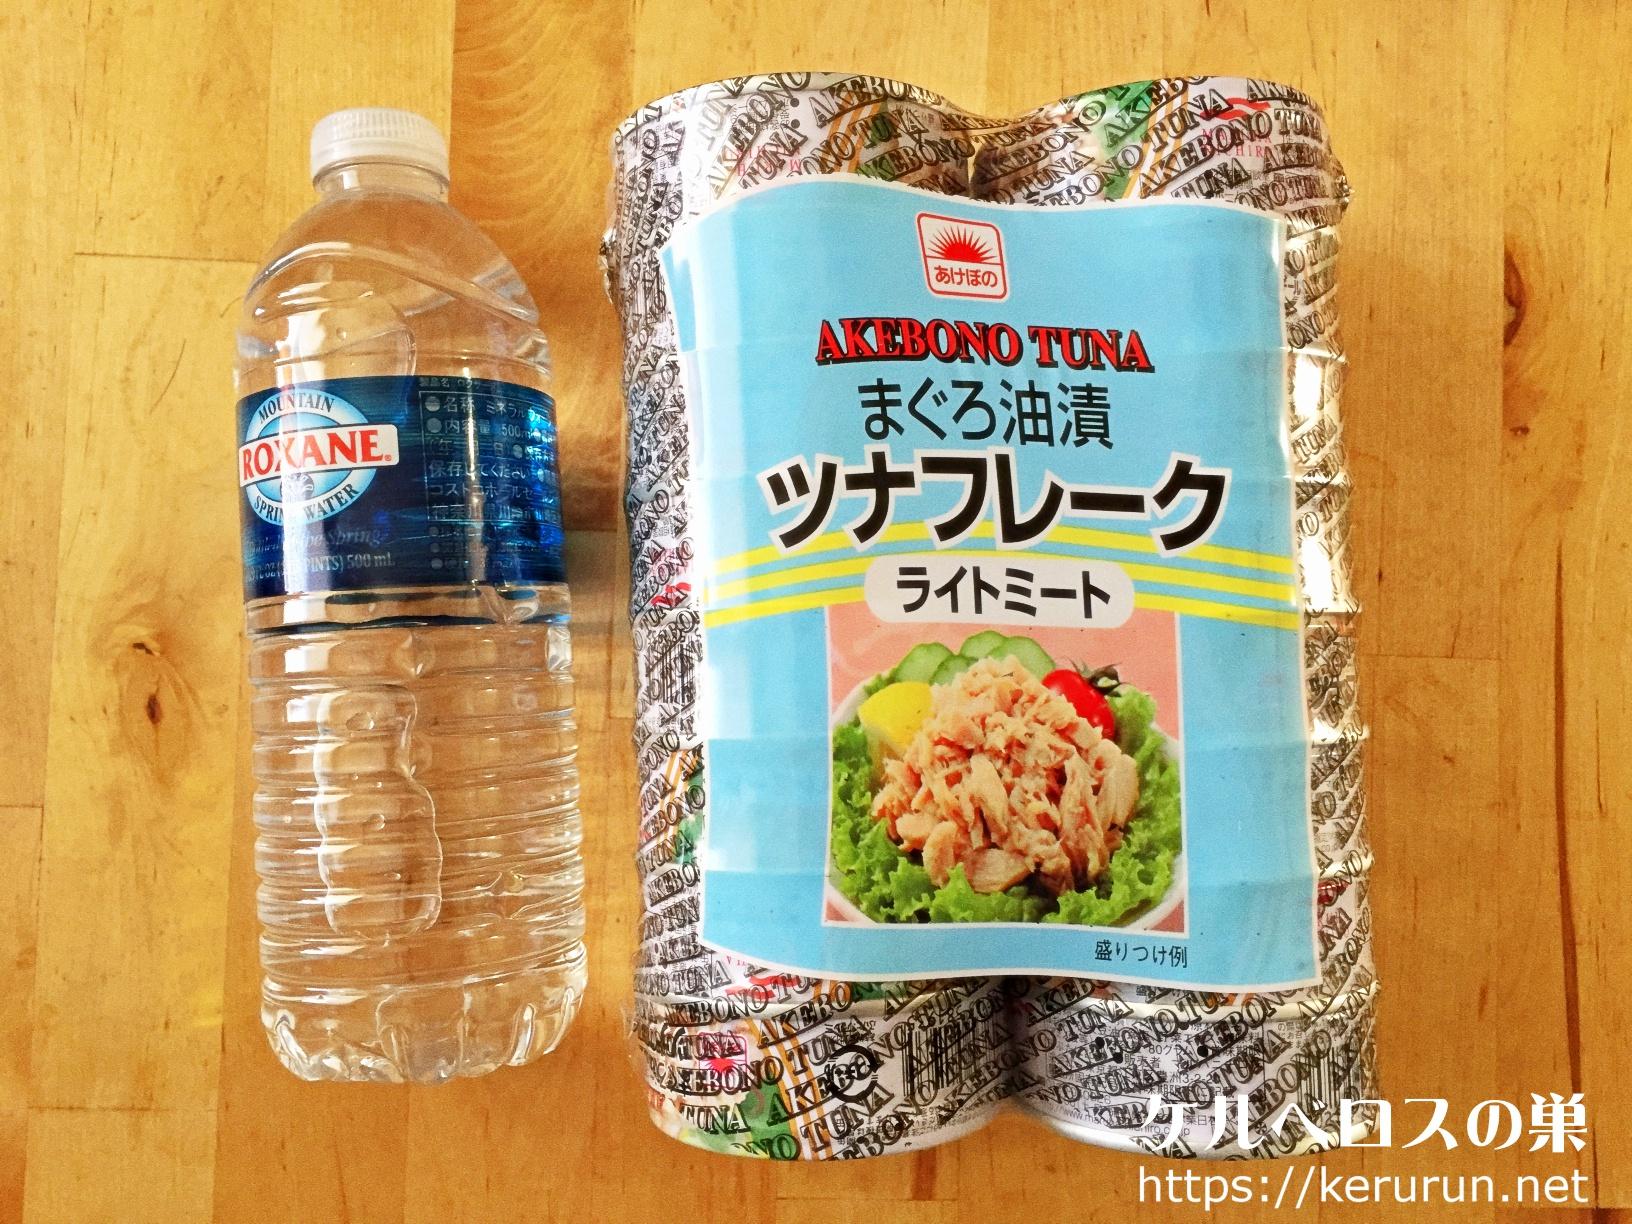 コストコ マルハニチロ あけぼのツナフレーク缶